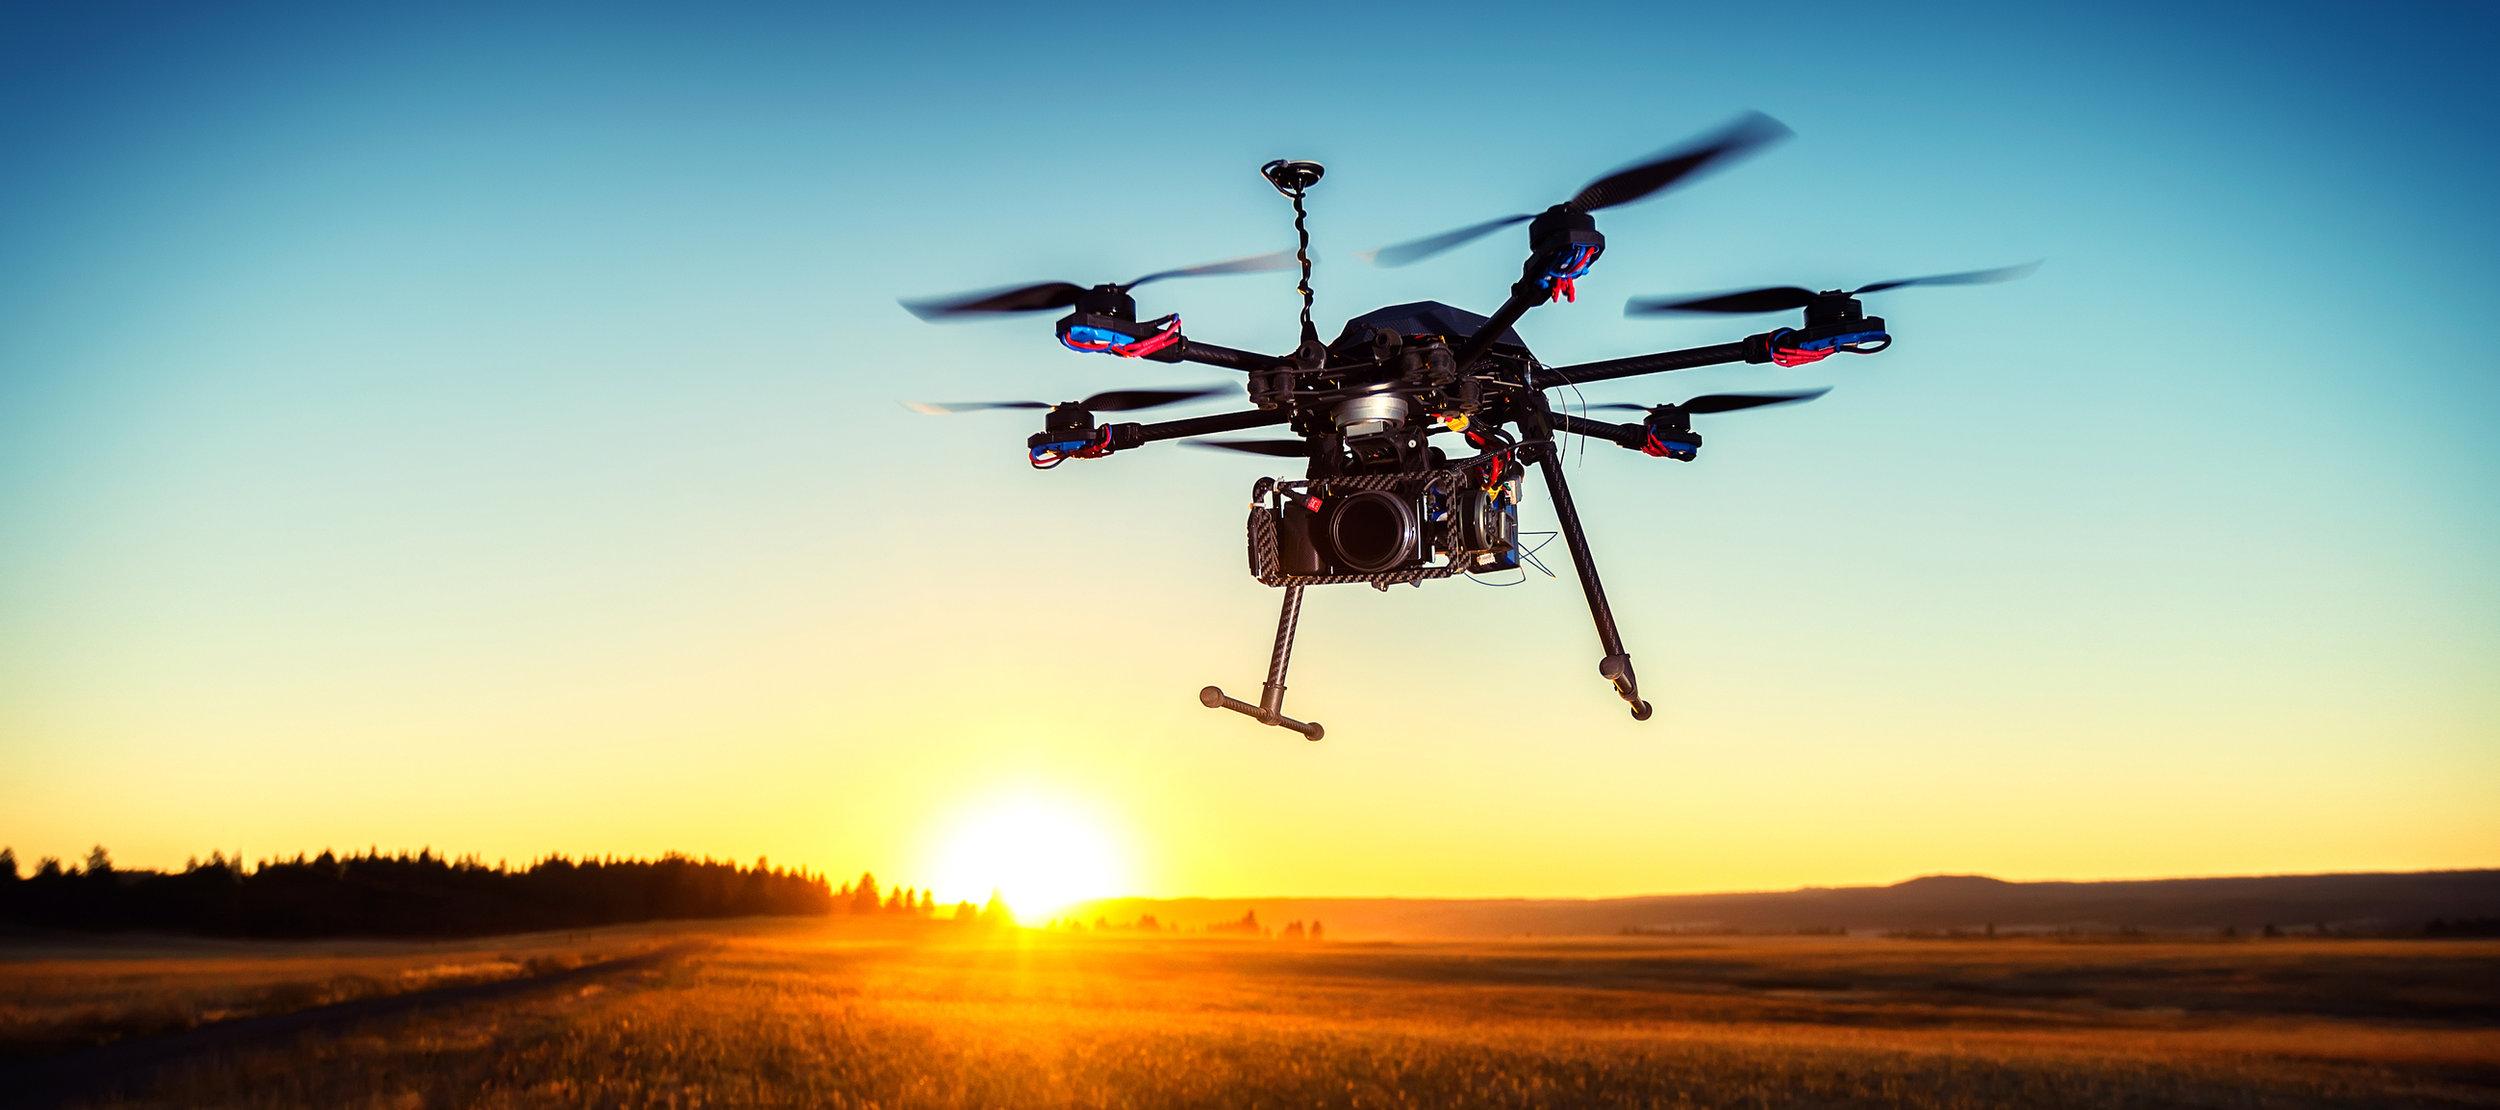 Drone+over+field.jpg